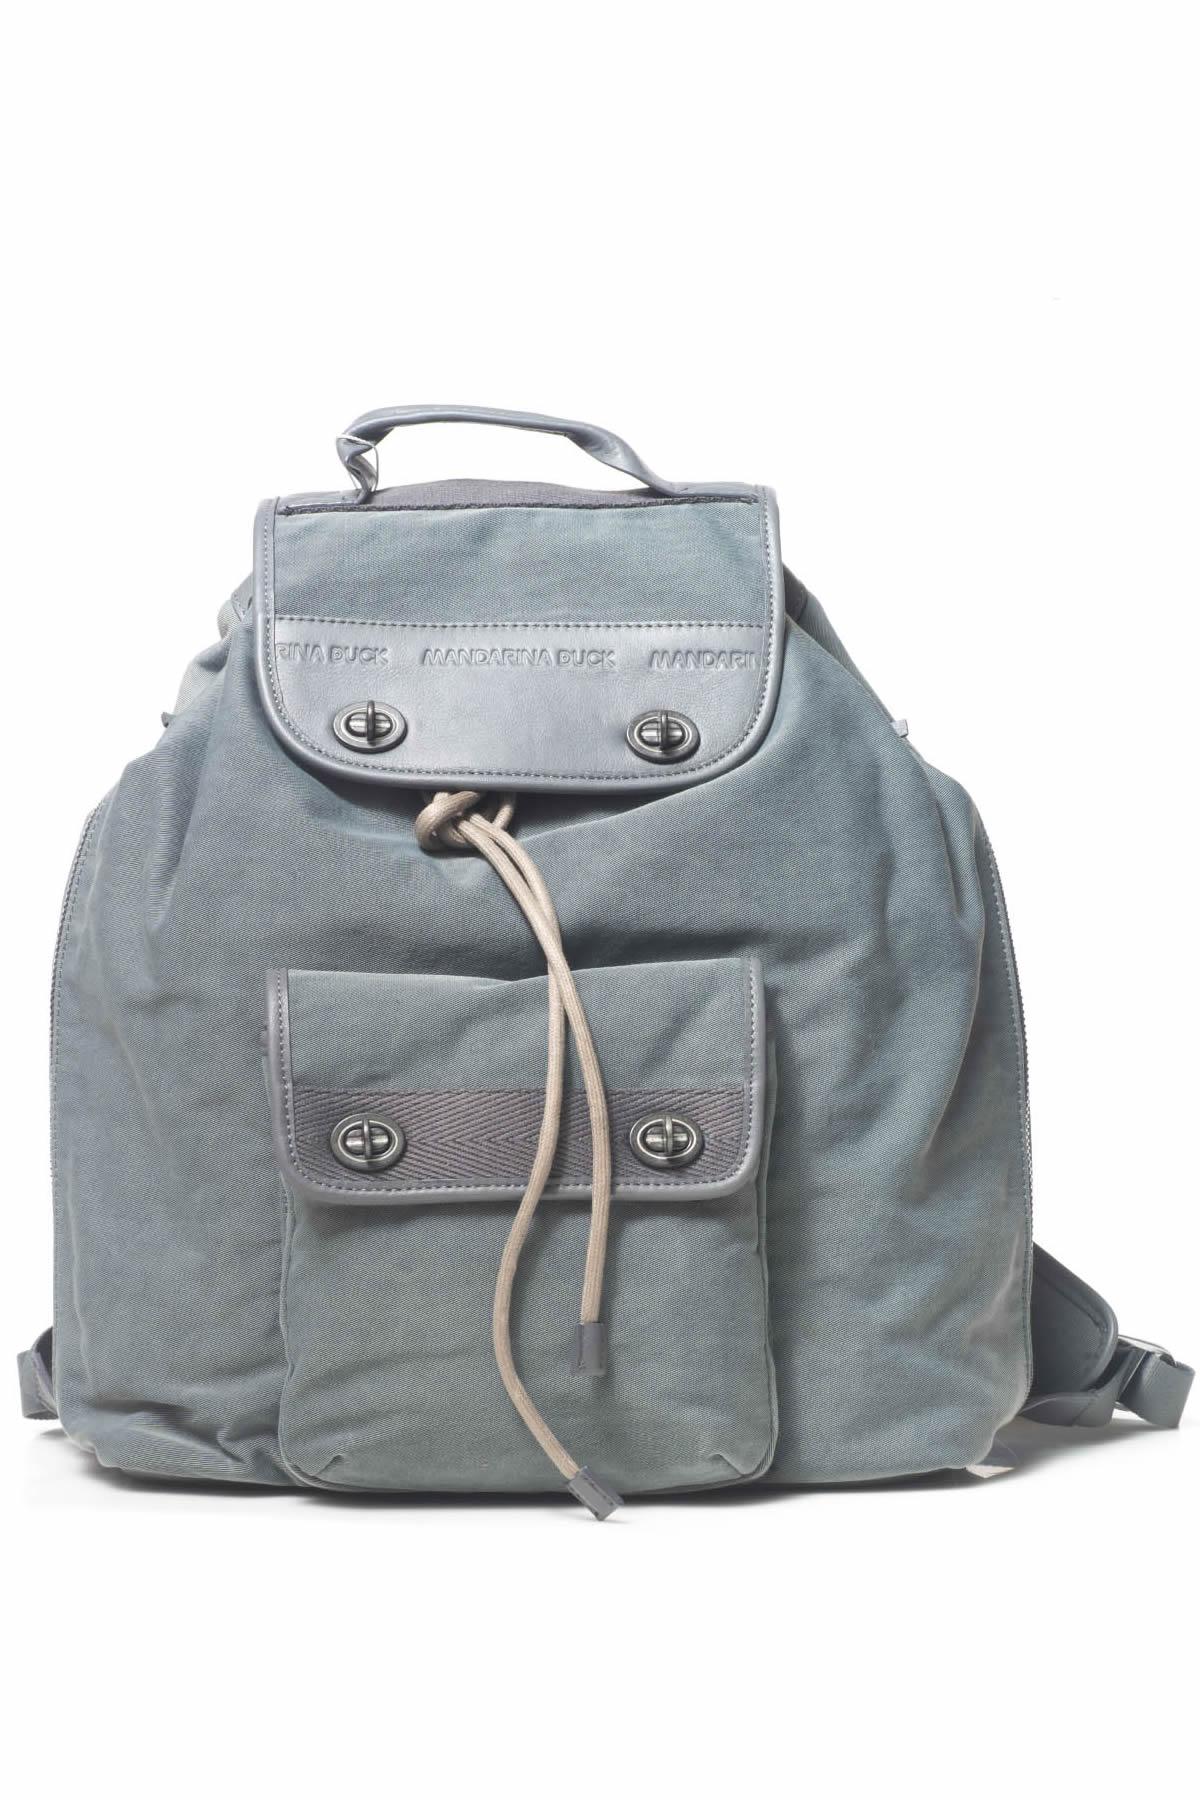 25a6d6984f Leather rucksack - Mandarina Duck - ScaglioneIschia